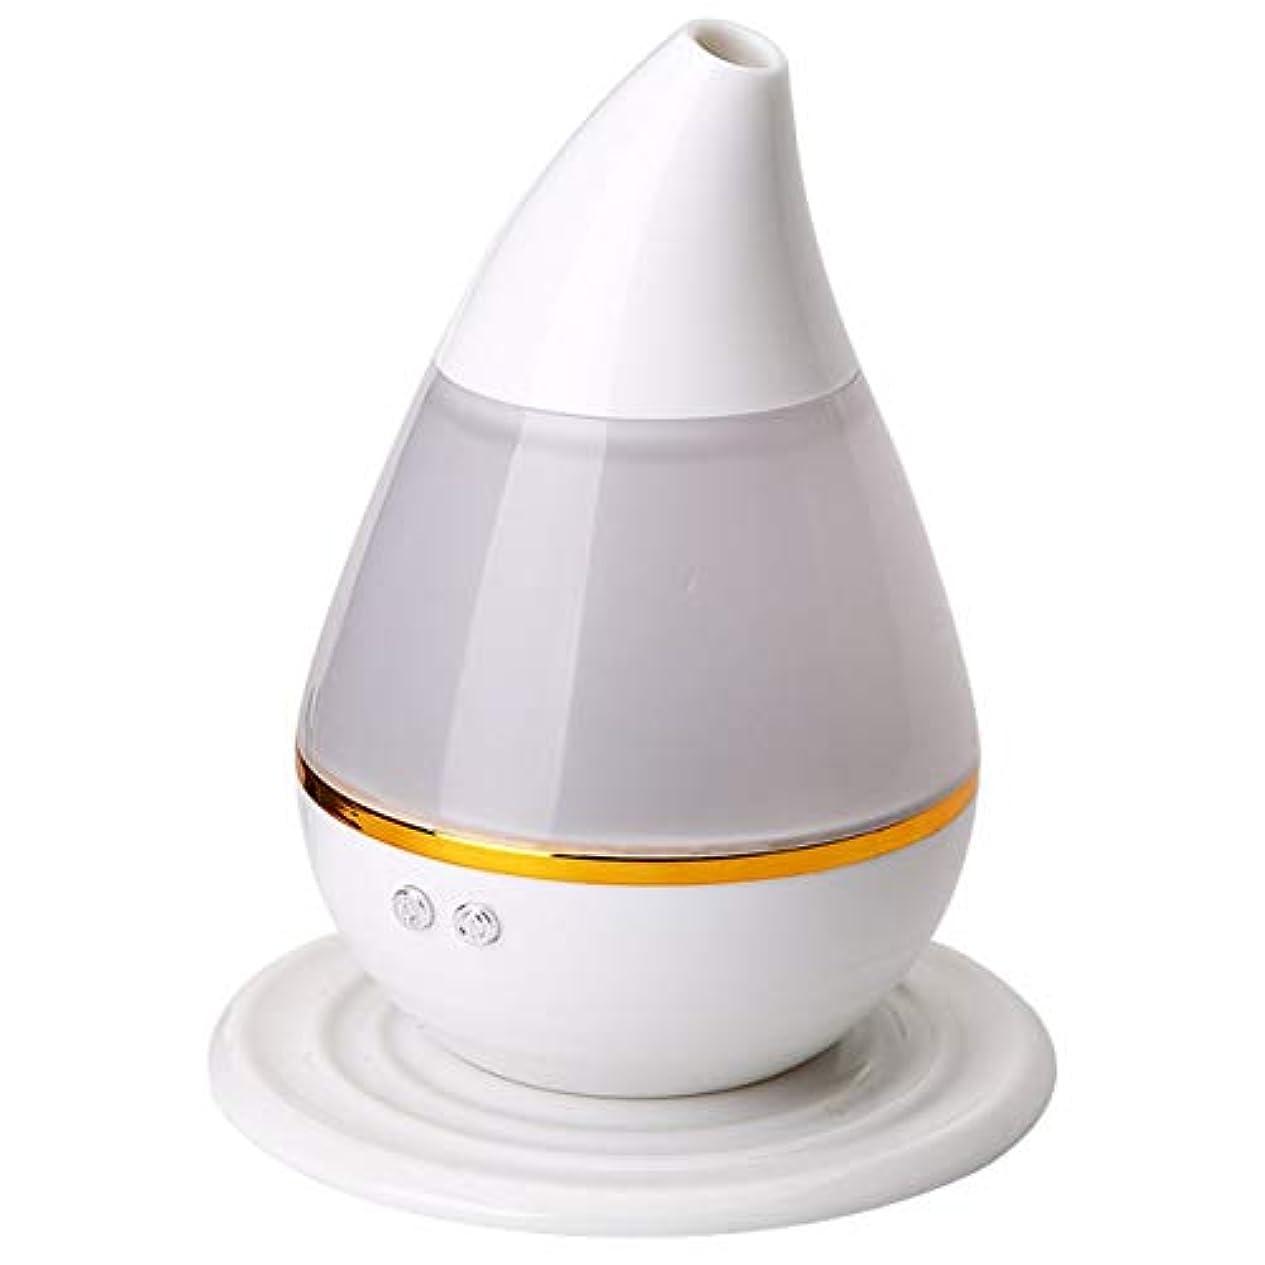 断言する上記の頭と肩資金Saikogoods 超静音ポータブル超音波加湿器 3D効果ガラスの夜ライトアロマディフューザーベストギフト 白